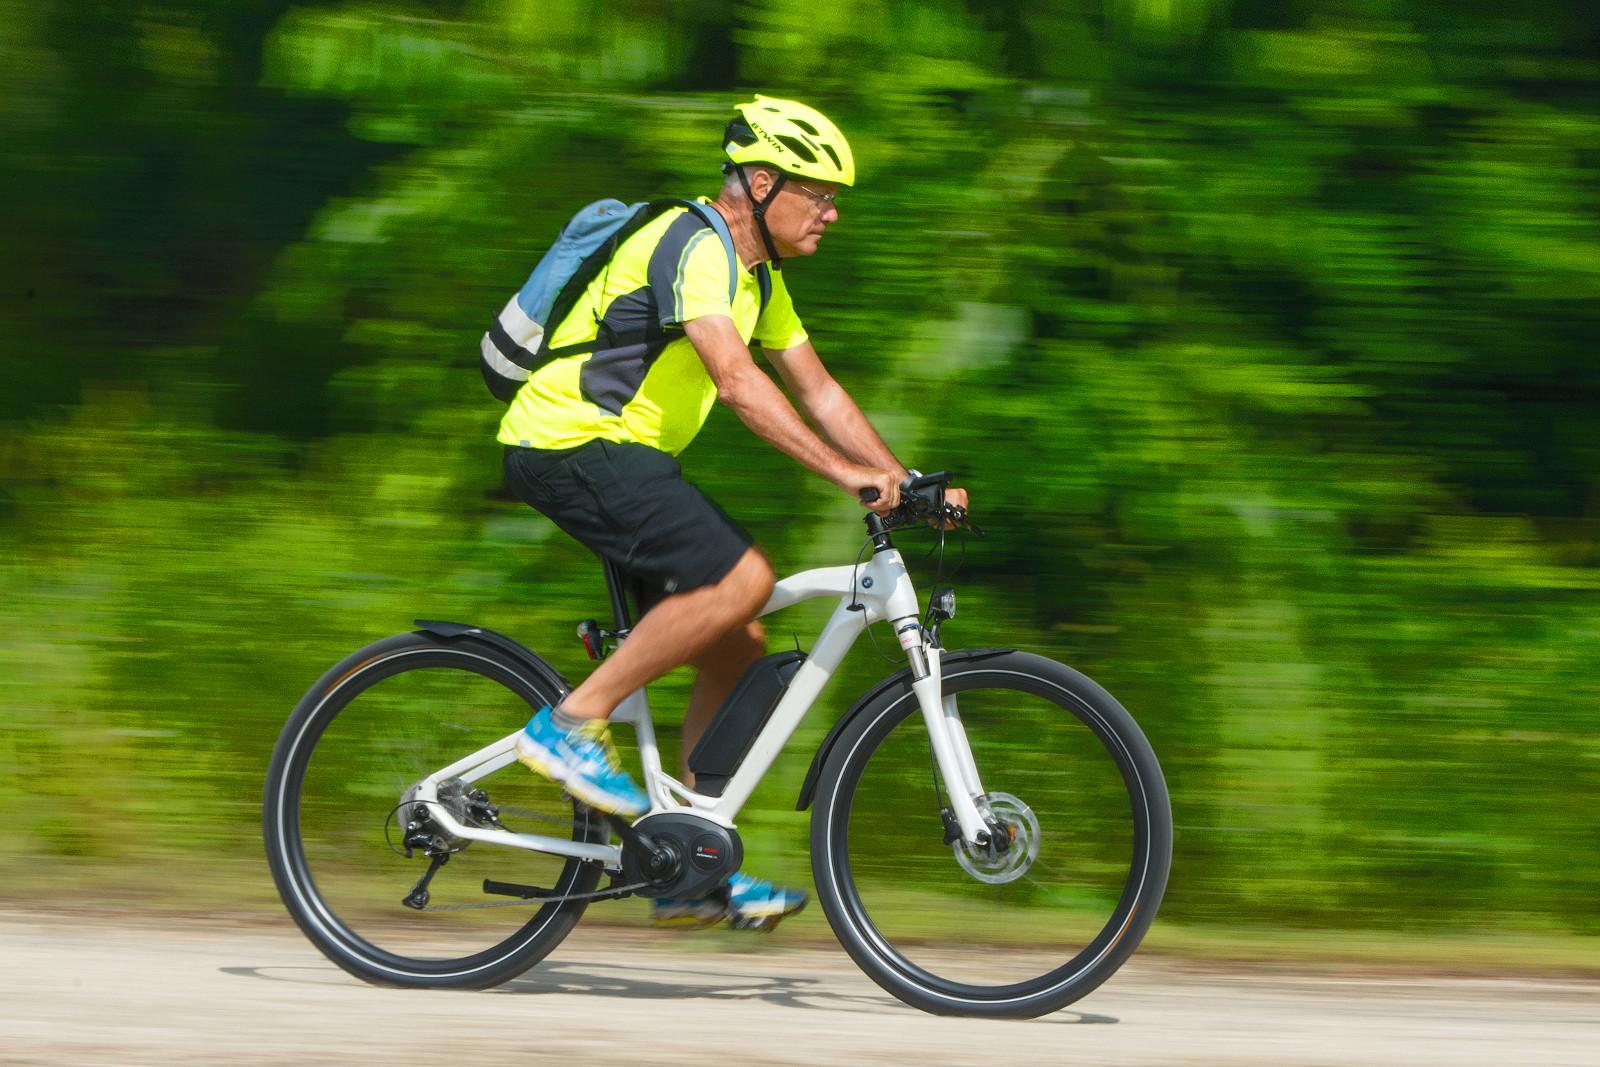 Mintha örökké lejtőn, hátszélben bicikliznél!